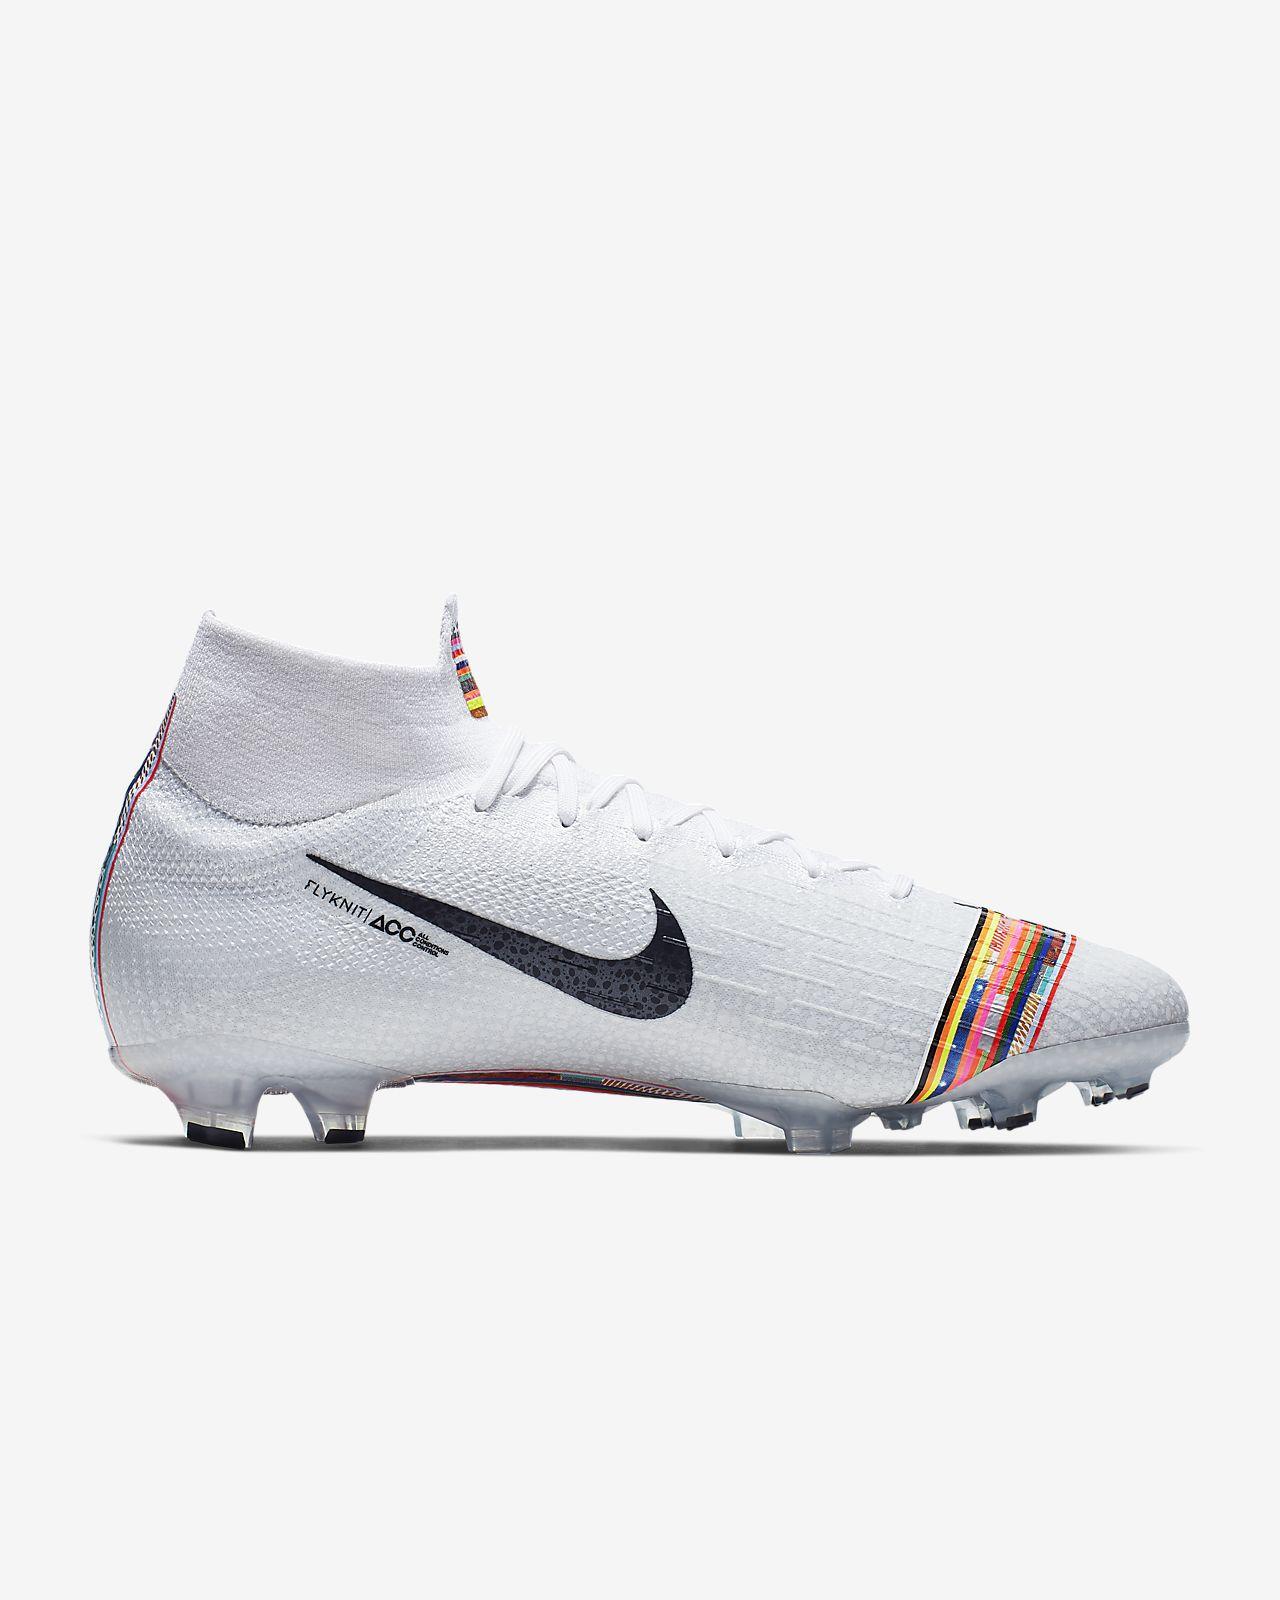 promo code 90ac4 3f535 ... Fotbollssko för gräs Nike Mercurial Superfly 360 Elite LVL UP SE FG